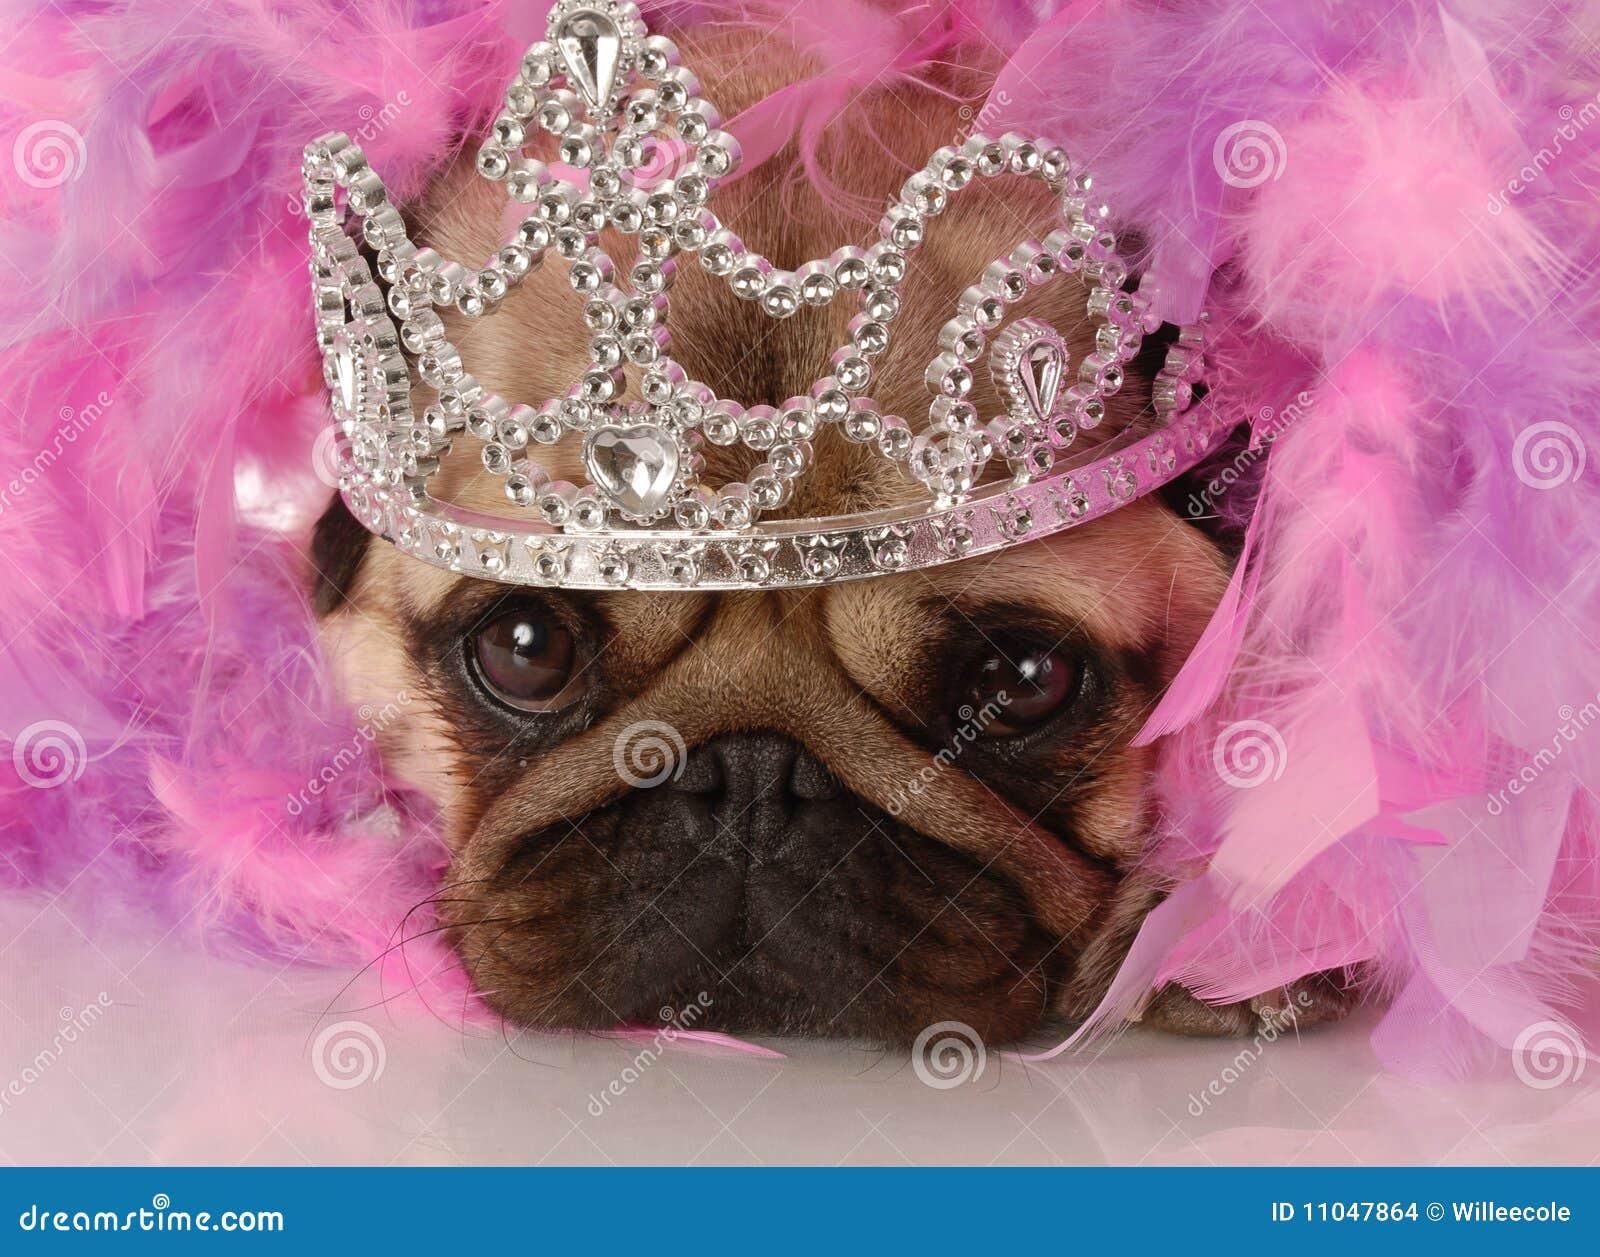 Som hund klädd princess upp